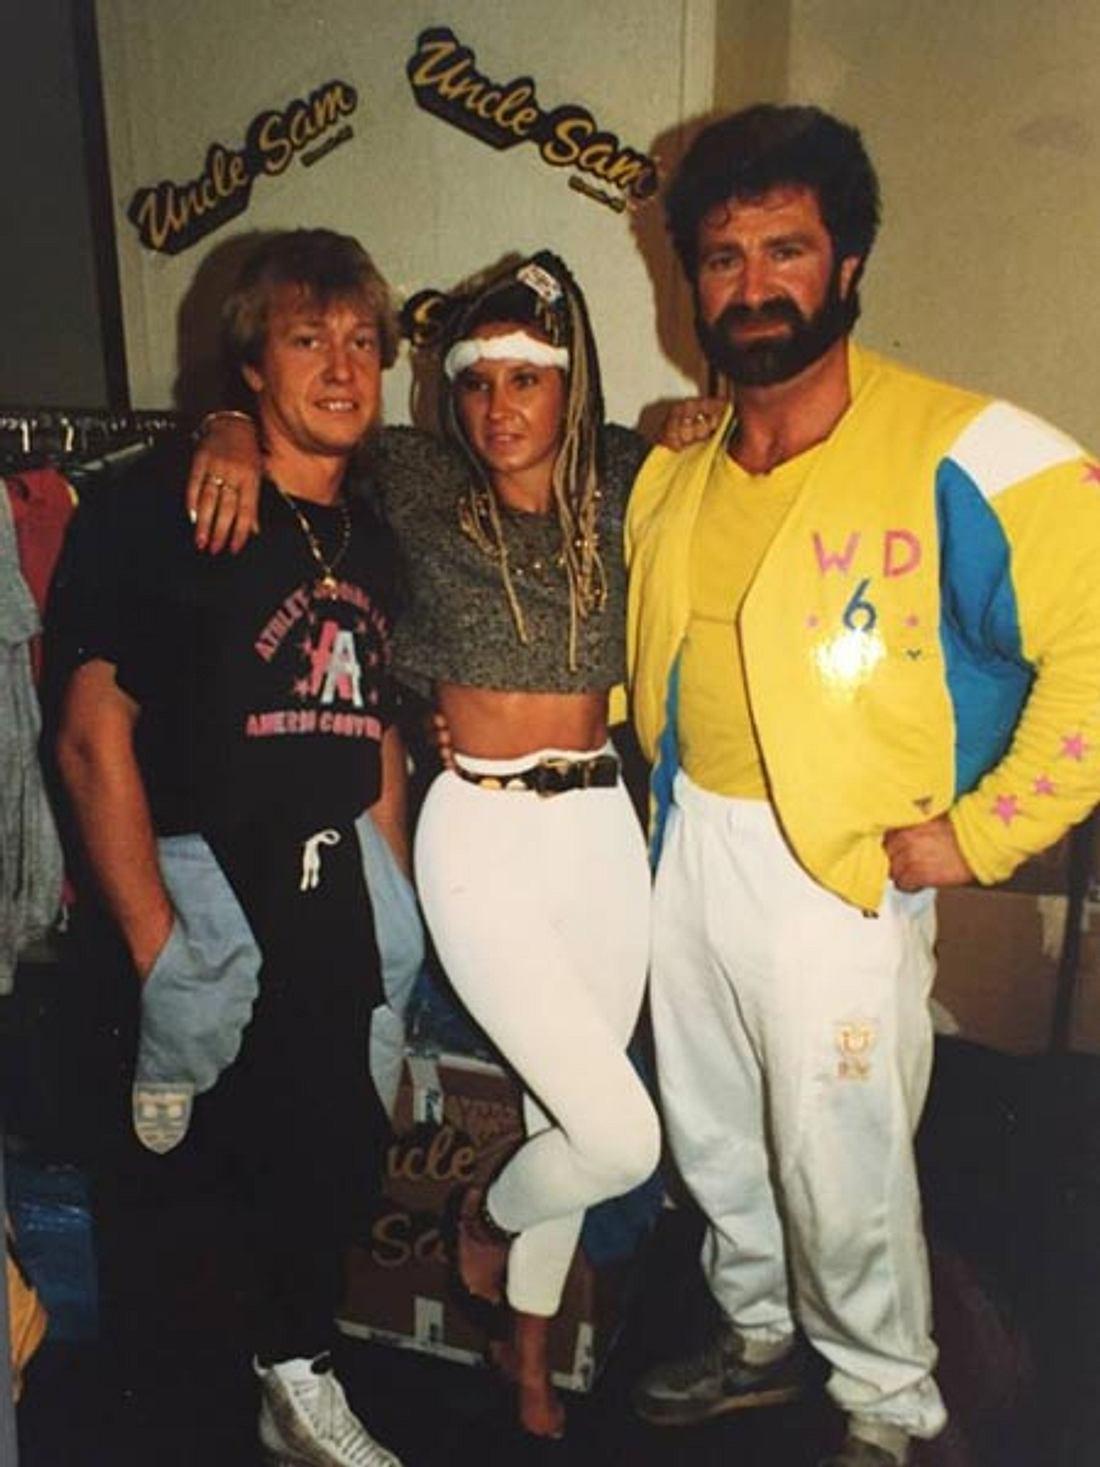 Robert und Carmen Geiss in den 80ern